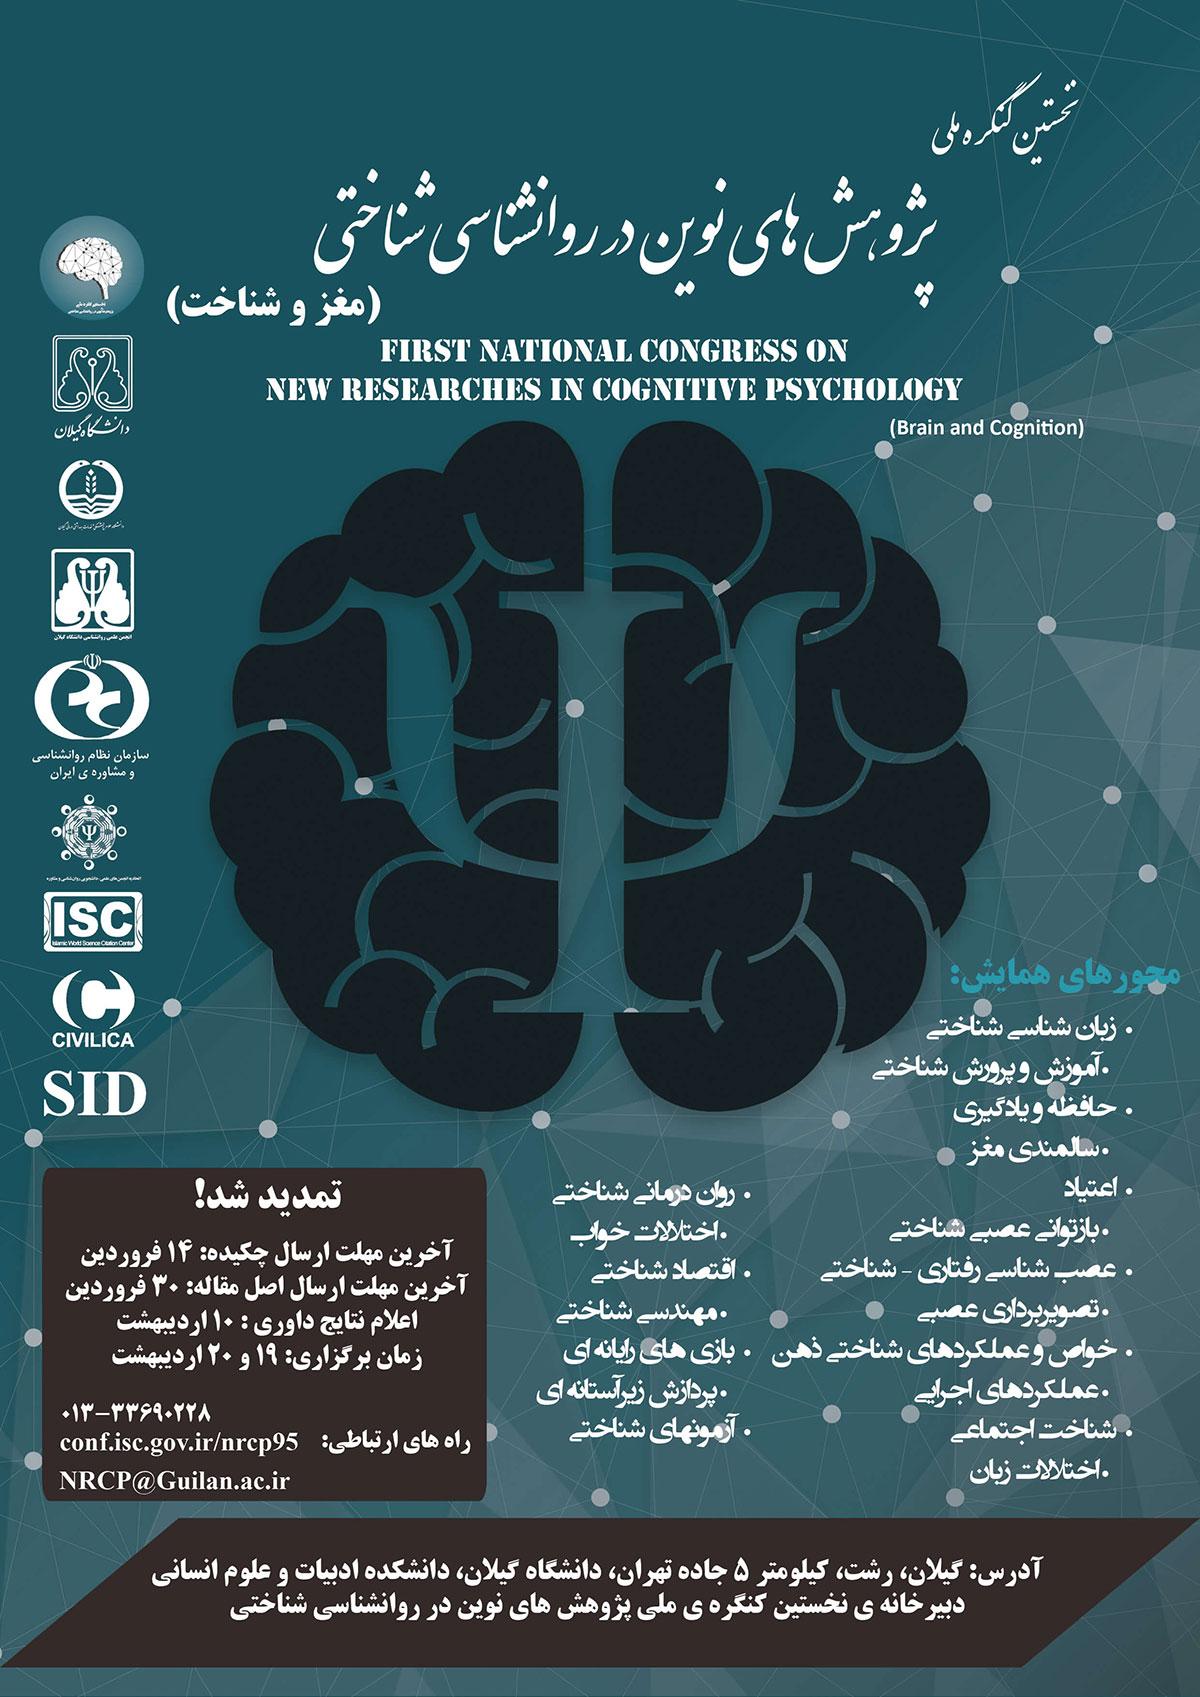 نخستین کنگره ملی پژوهش های نوین در روانشناسی شناختی